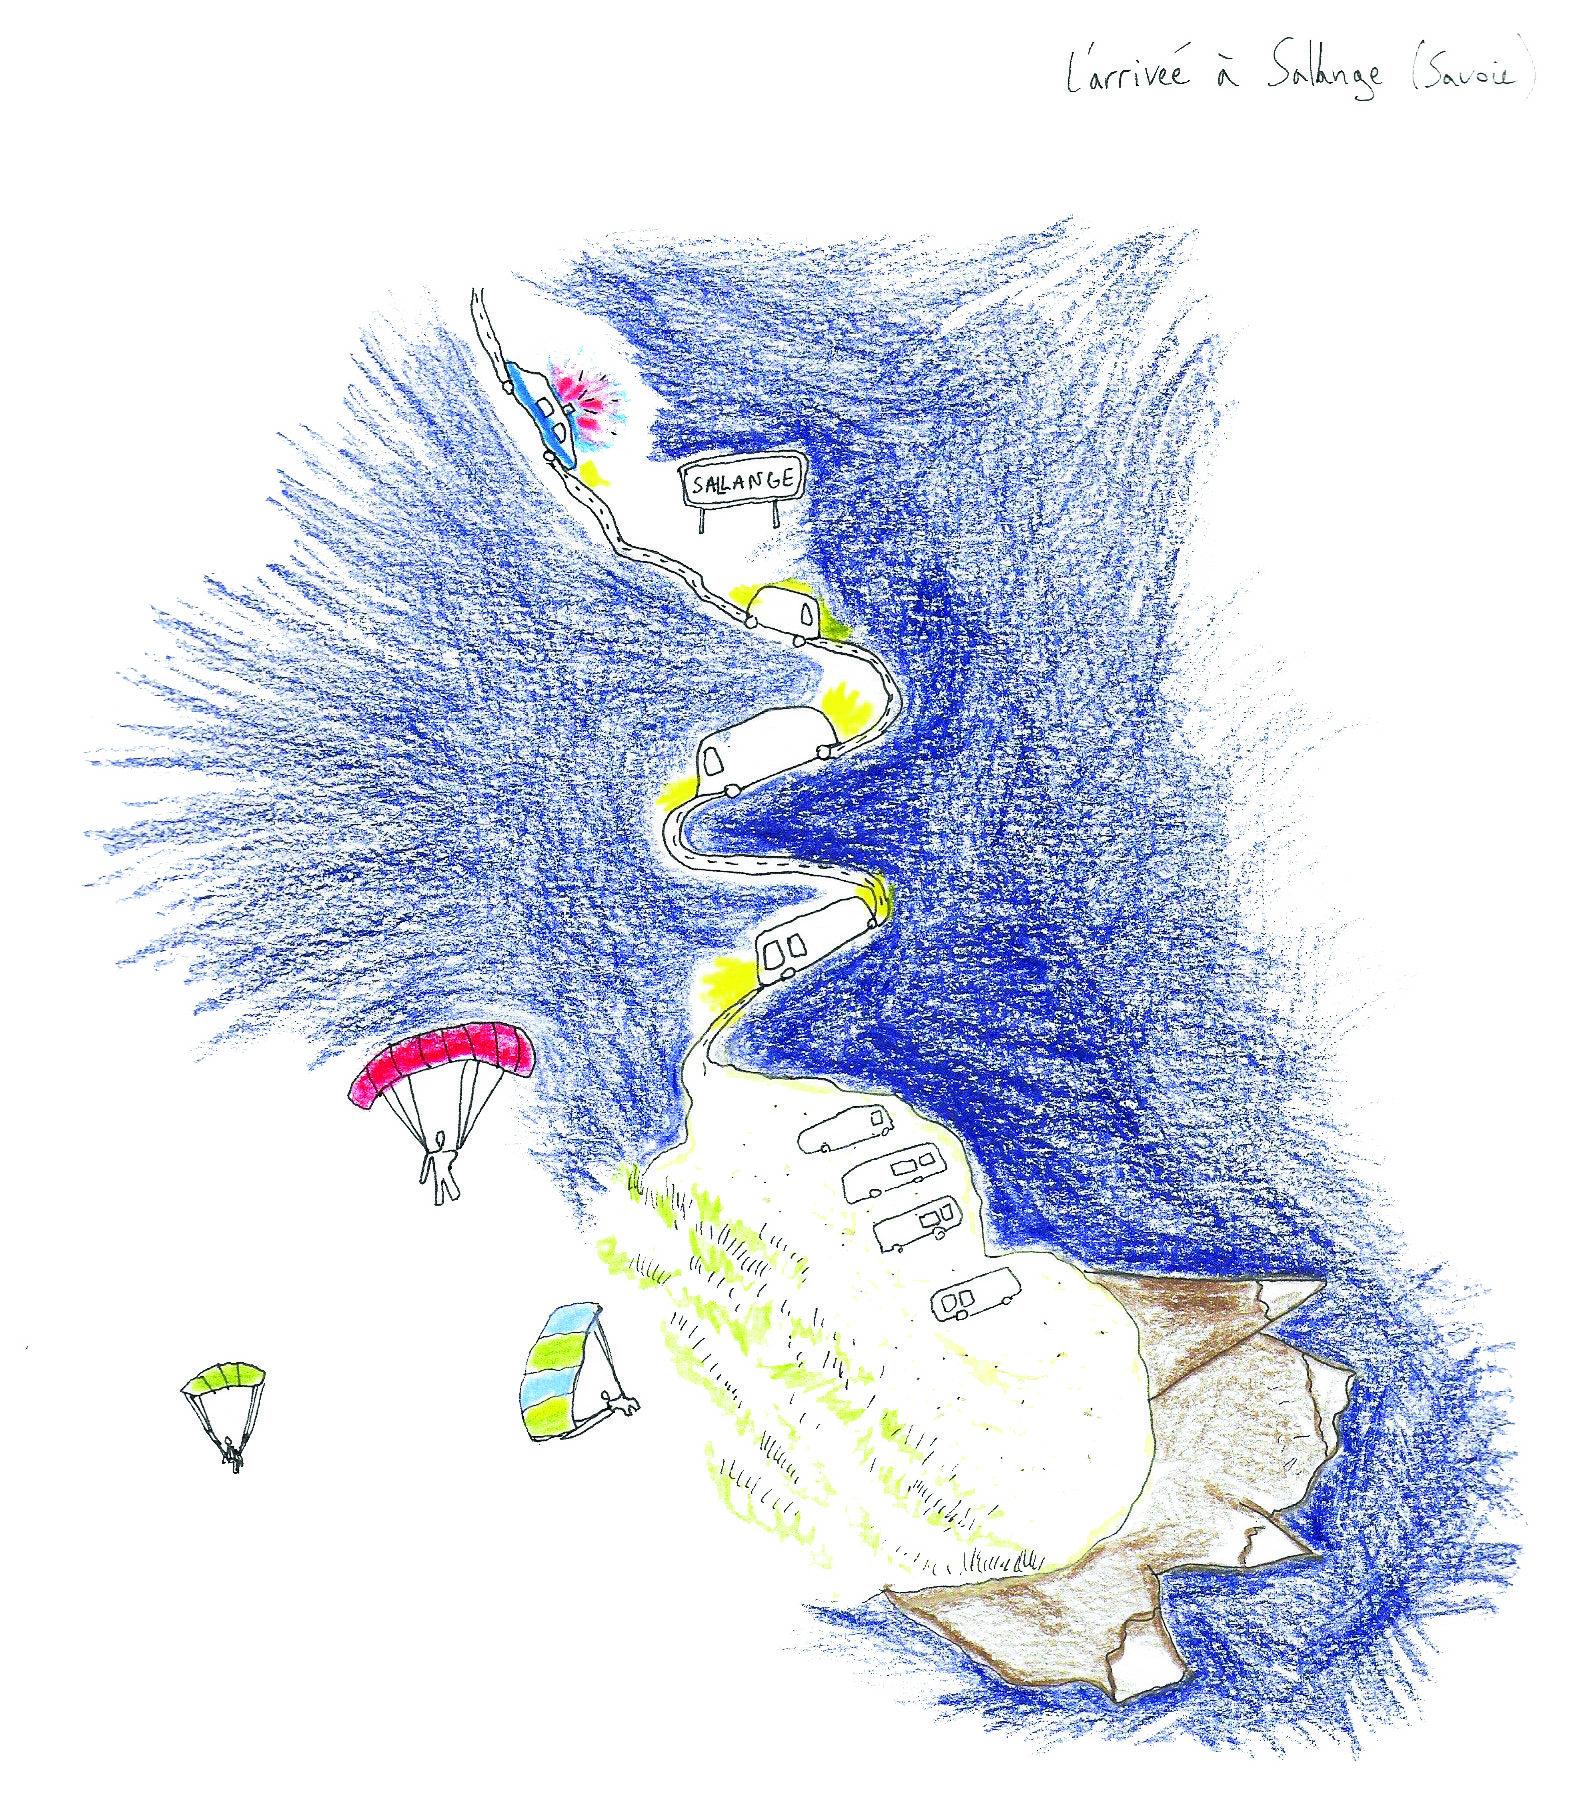 """L'arrivée à Sallange (Savoie). Une cartographie narrative réalisée dans le cadre de l'enquête-collecte """"Métiers et savoir-faire romani"""" en Europe et Méditerranée"""" au Mucem. Crédits : Elise Olmedo, Sasha Zanko, 2019."""